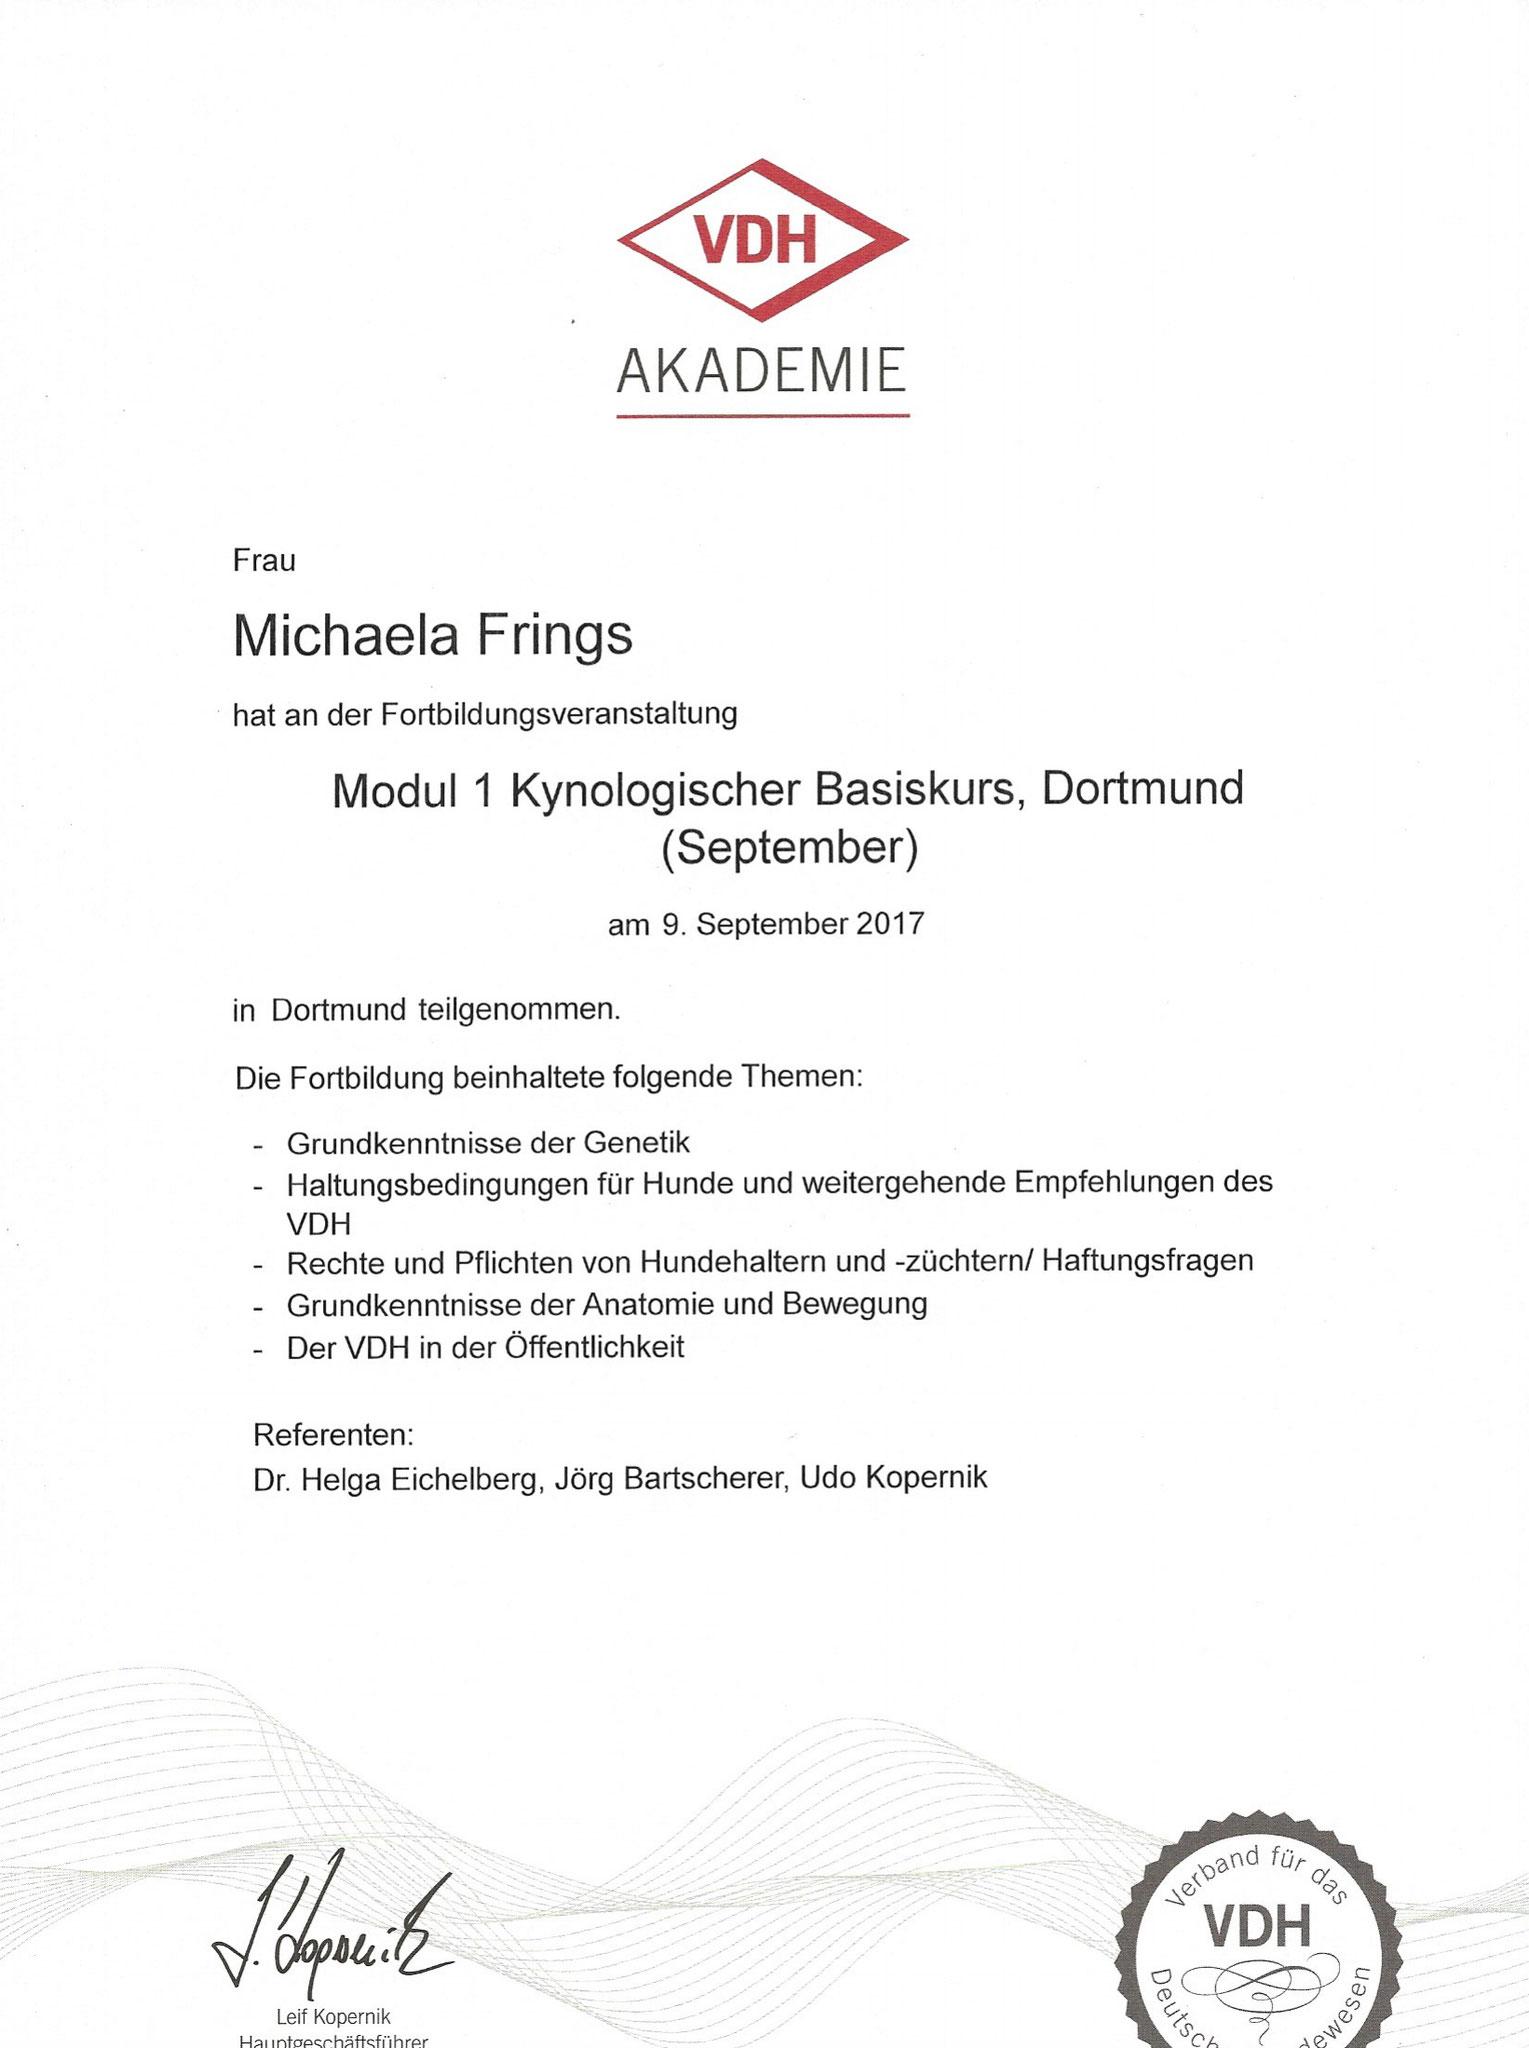 Kynologischer Basiskurs Modul 1 09. September 2017